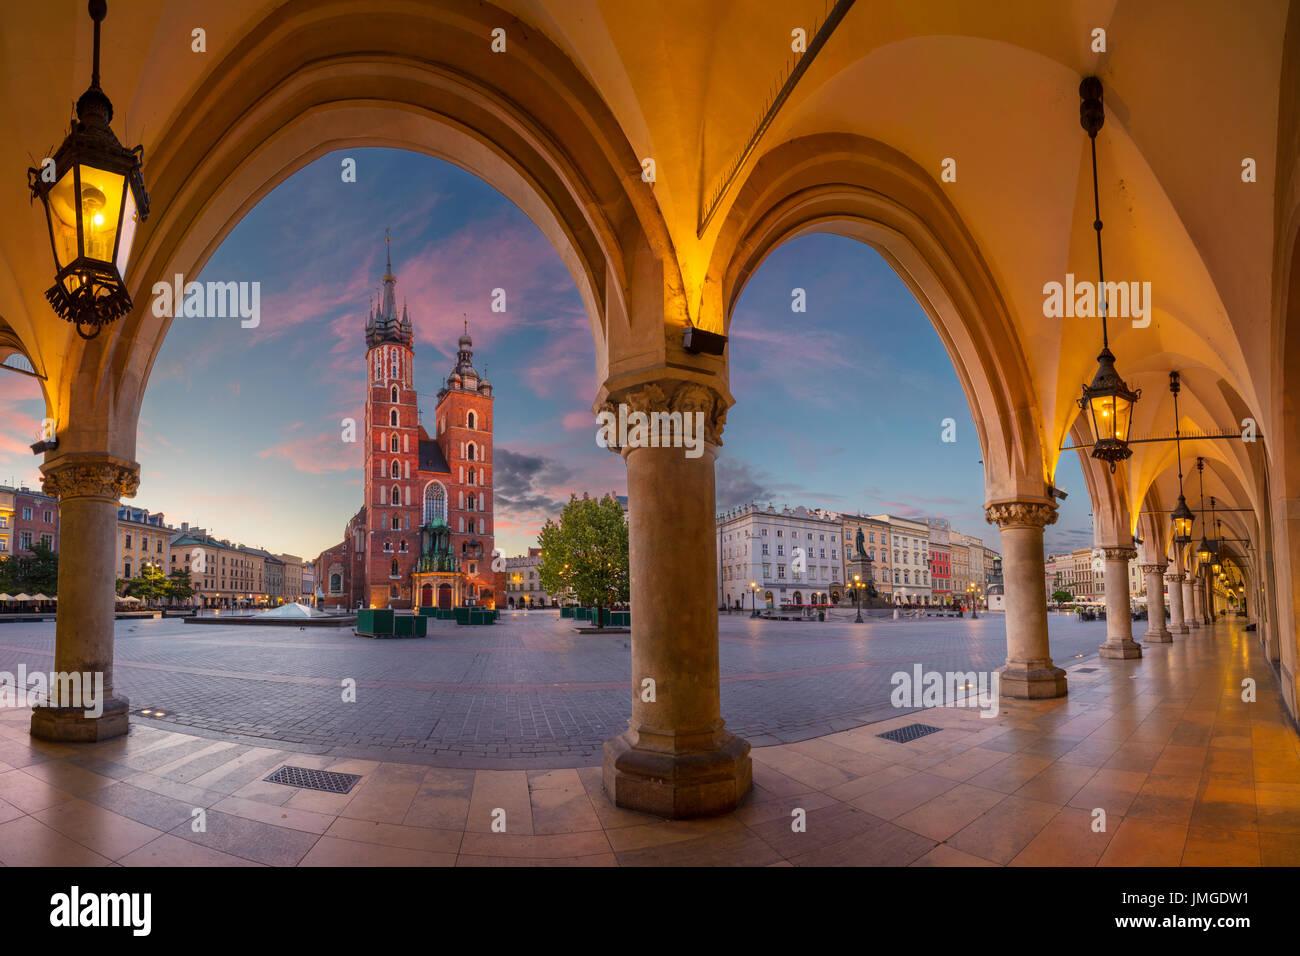 Cracovia. Immagine della piazza del Mercato di Cracovia, in Polonia durante il sunrise. Immagini Stock